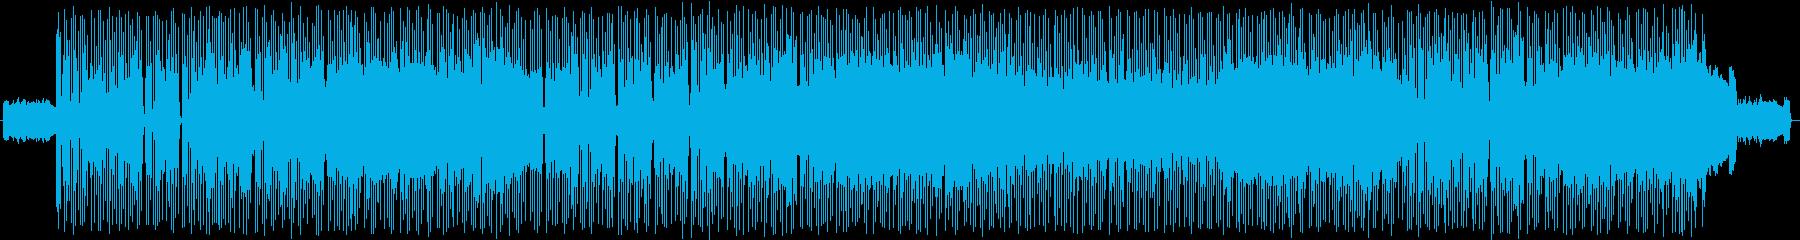 これぞ!ロックって雰囲気のロックの再生済みの波形